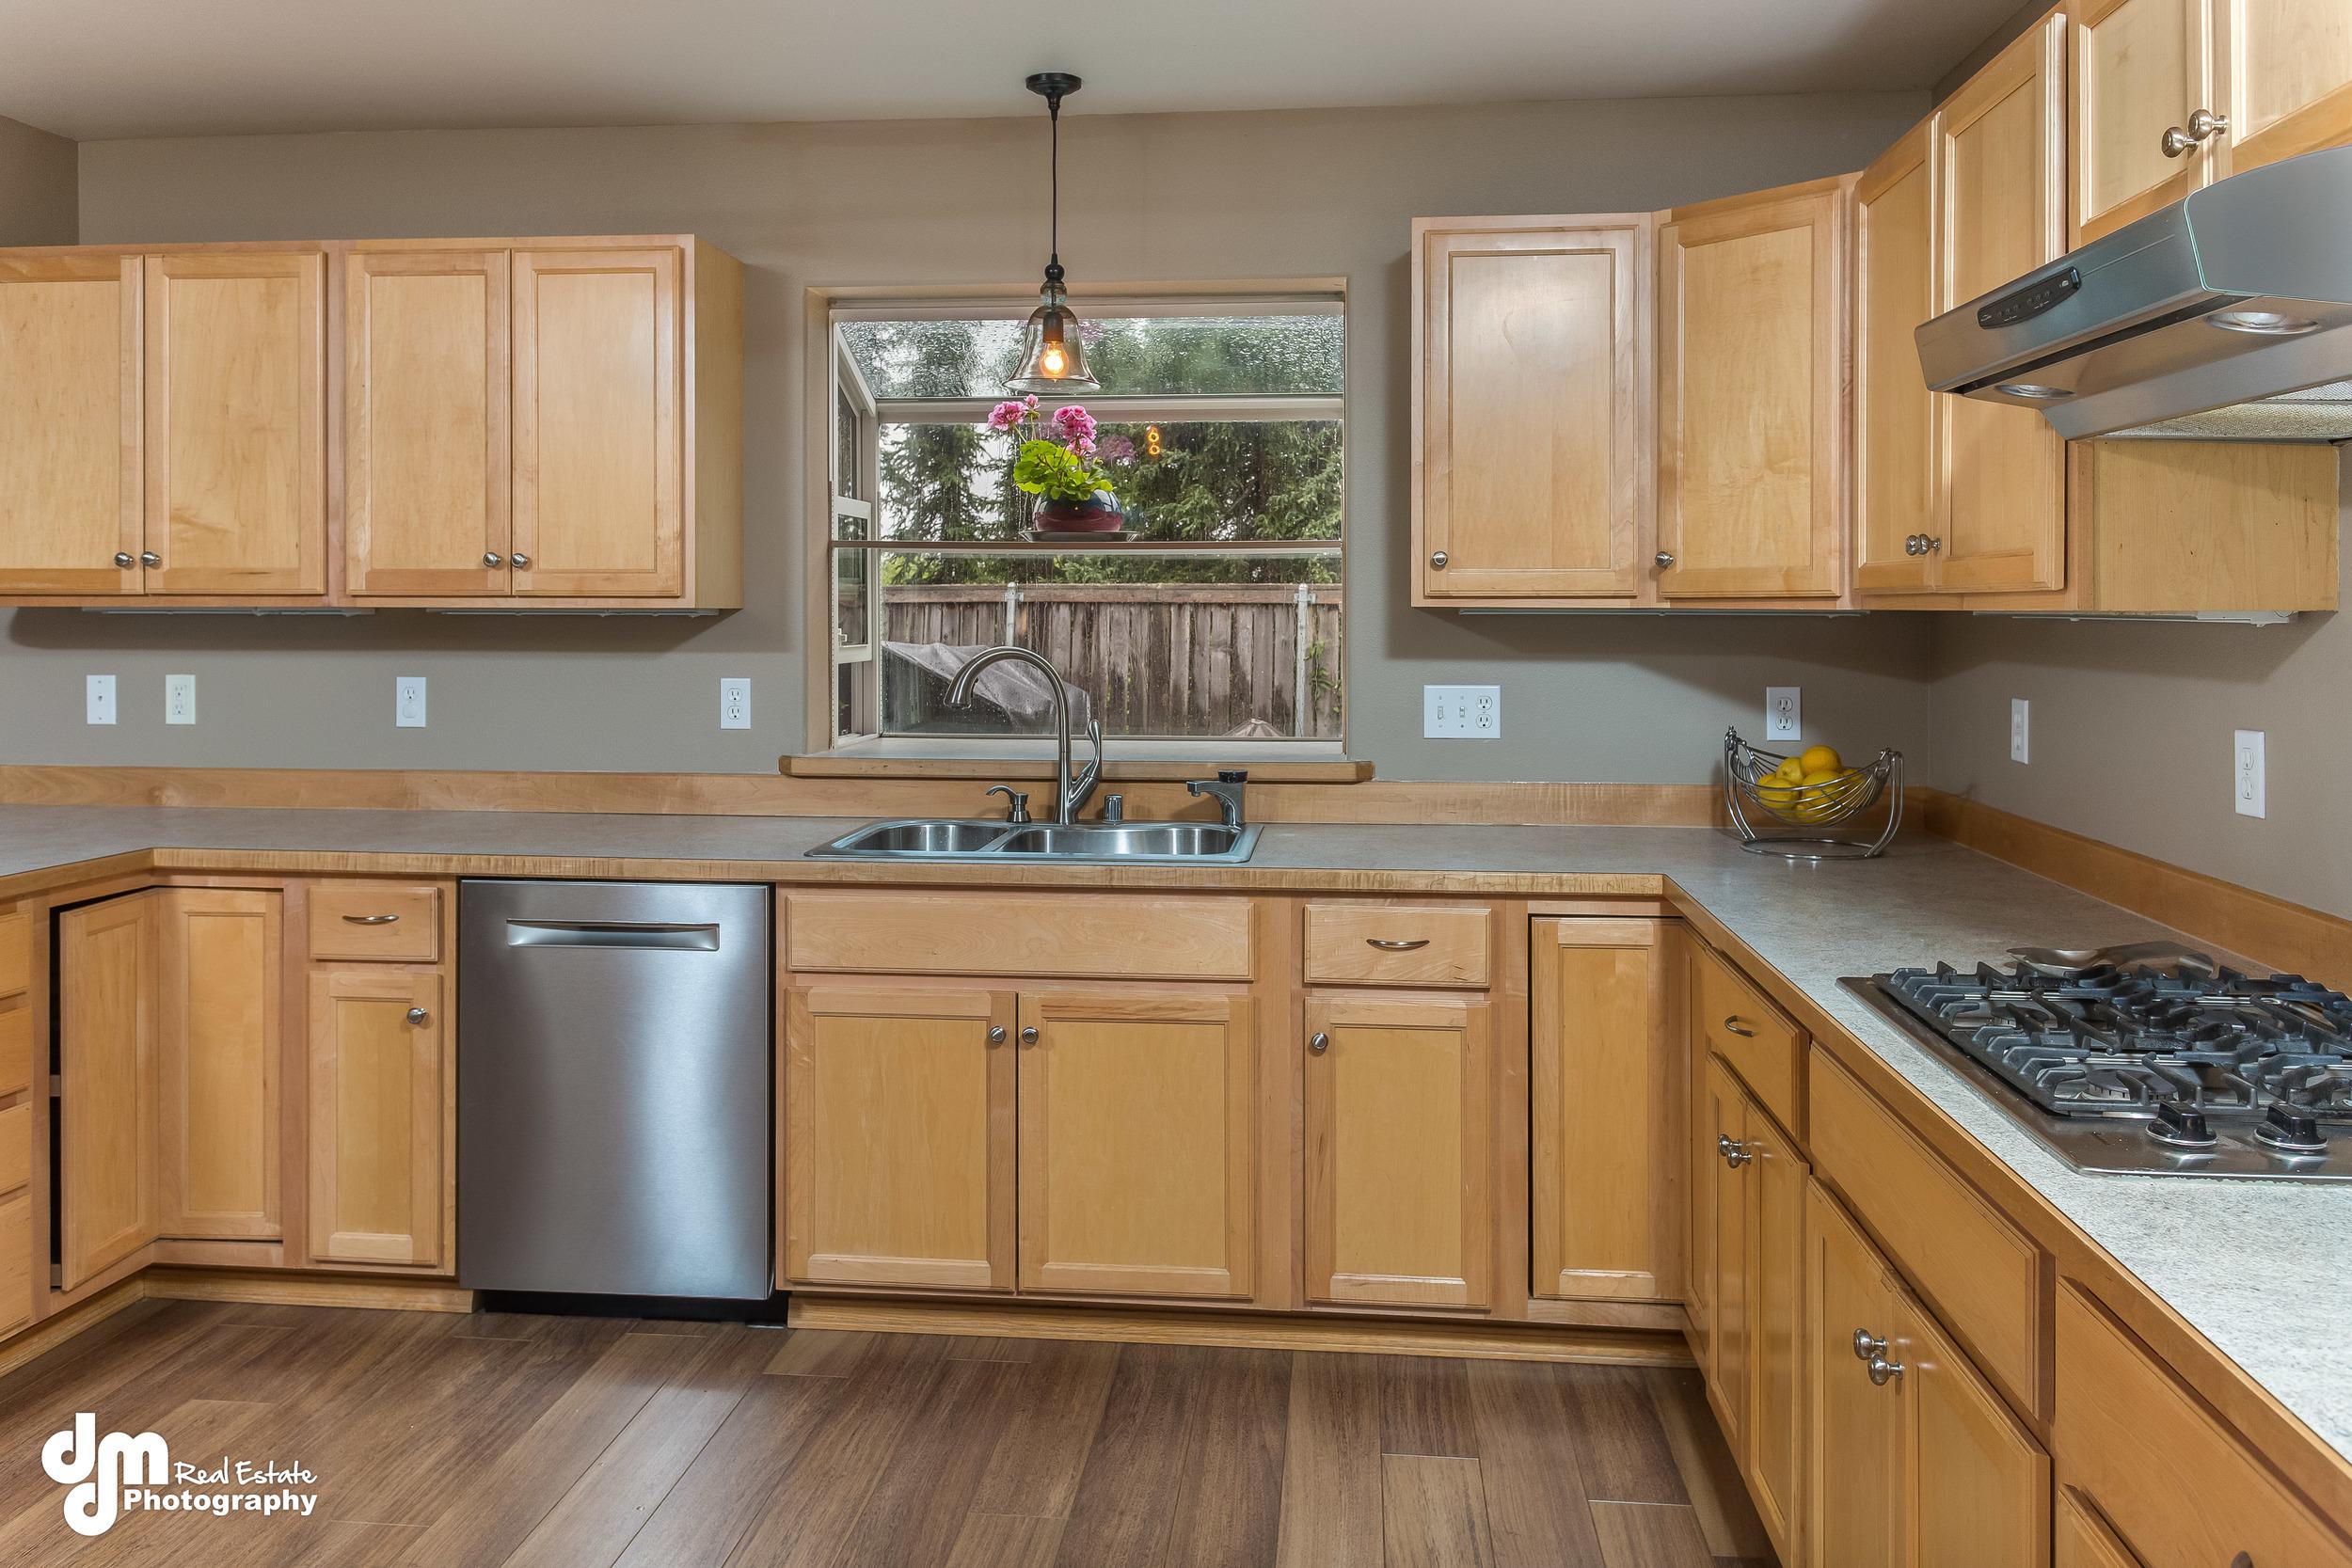 Kitchen_DMD_6766.jpg